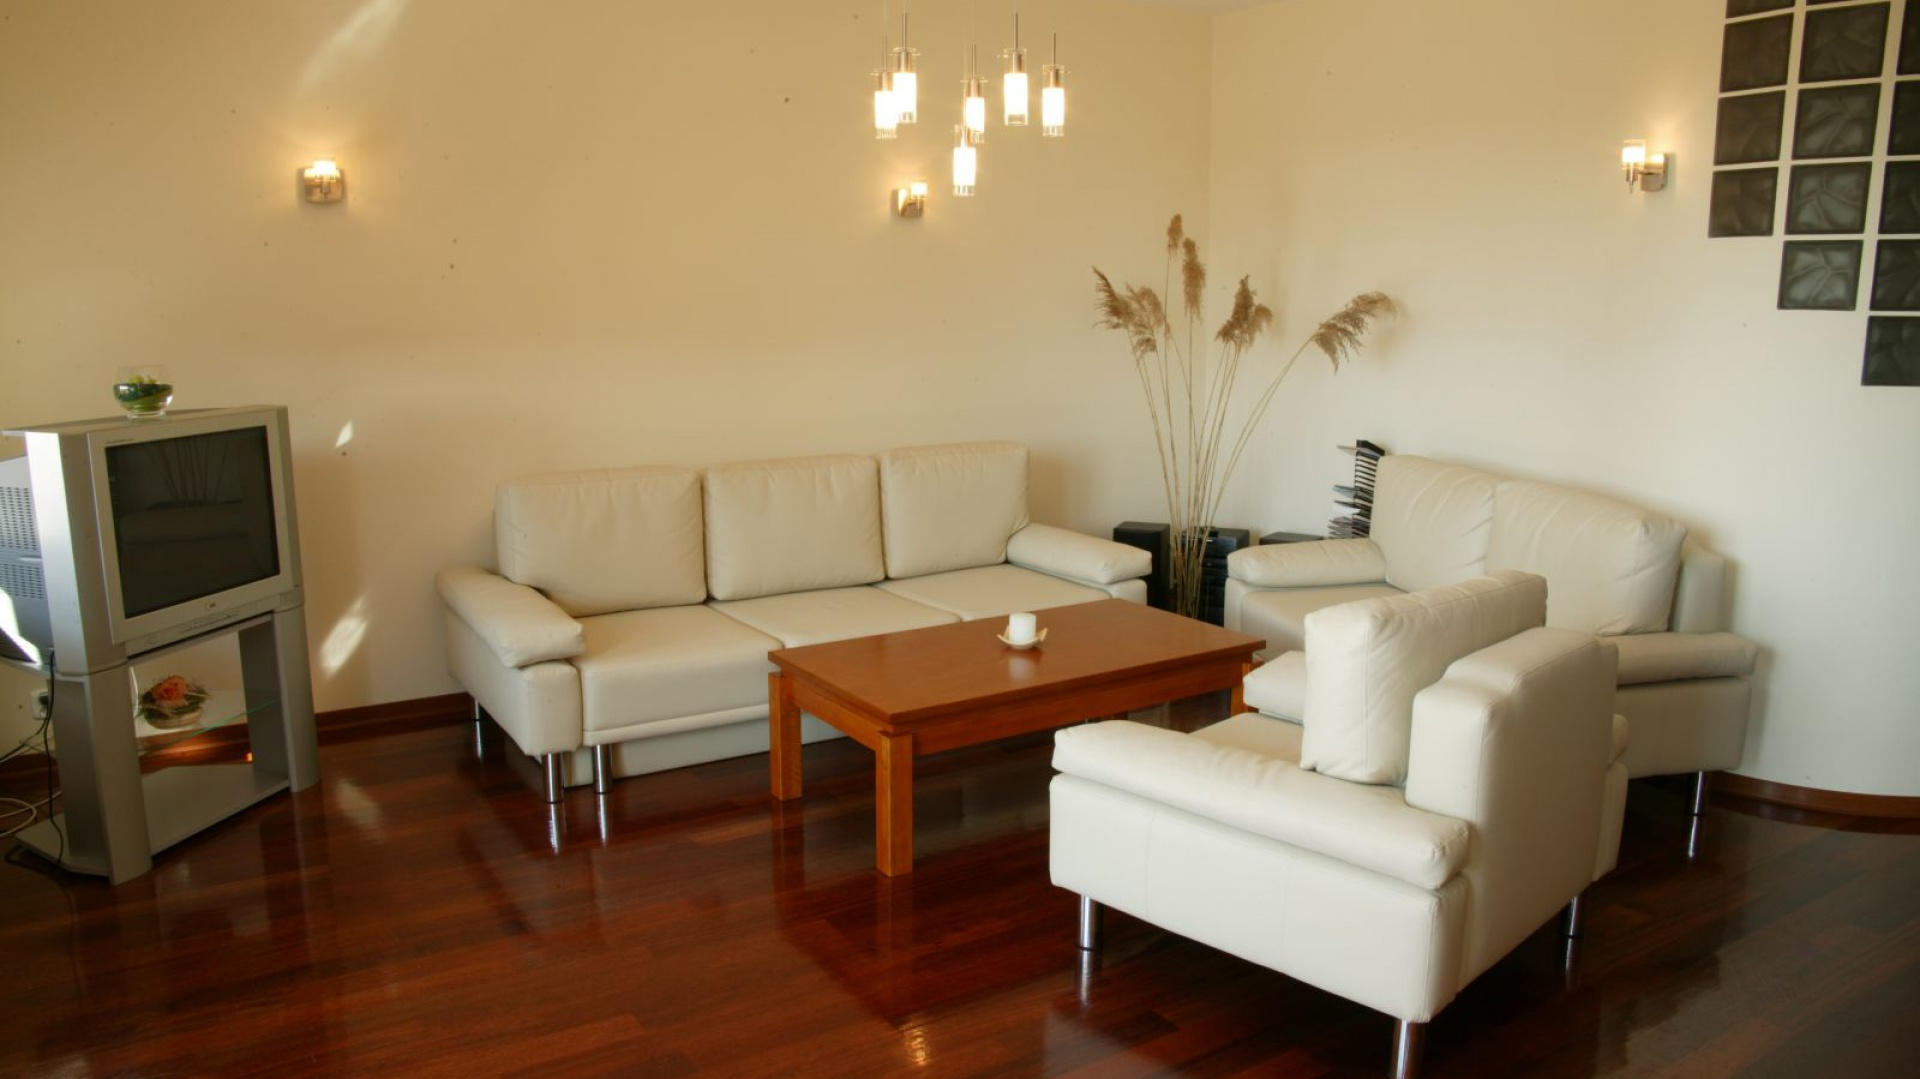 Ciemna podłoga, białe meble...  Wystrój salonu. Zobacz co było modne ponad 10 lat temu  Strona: 15